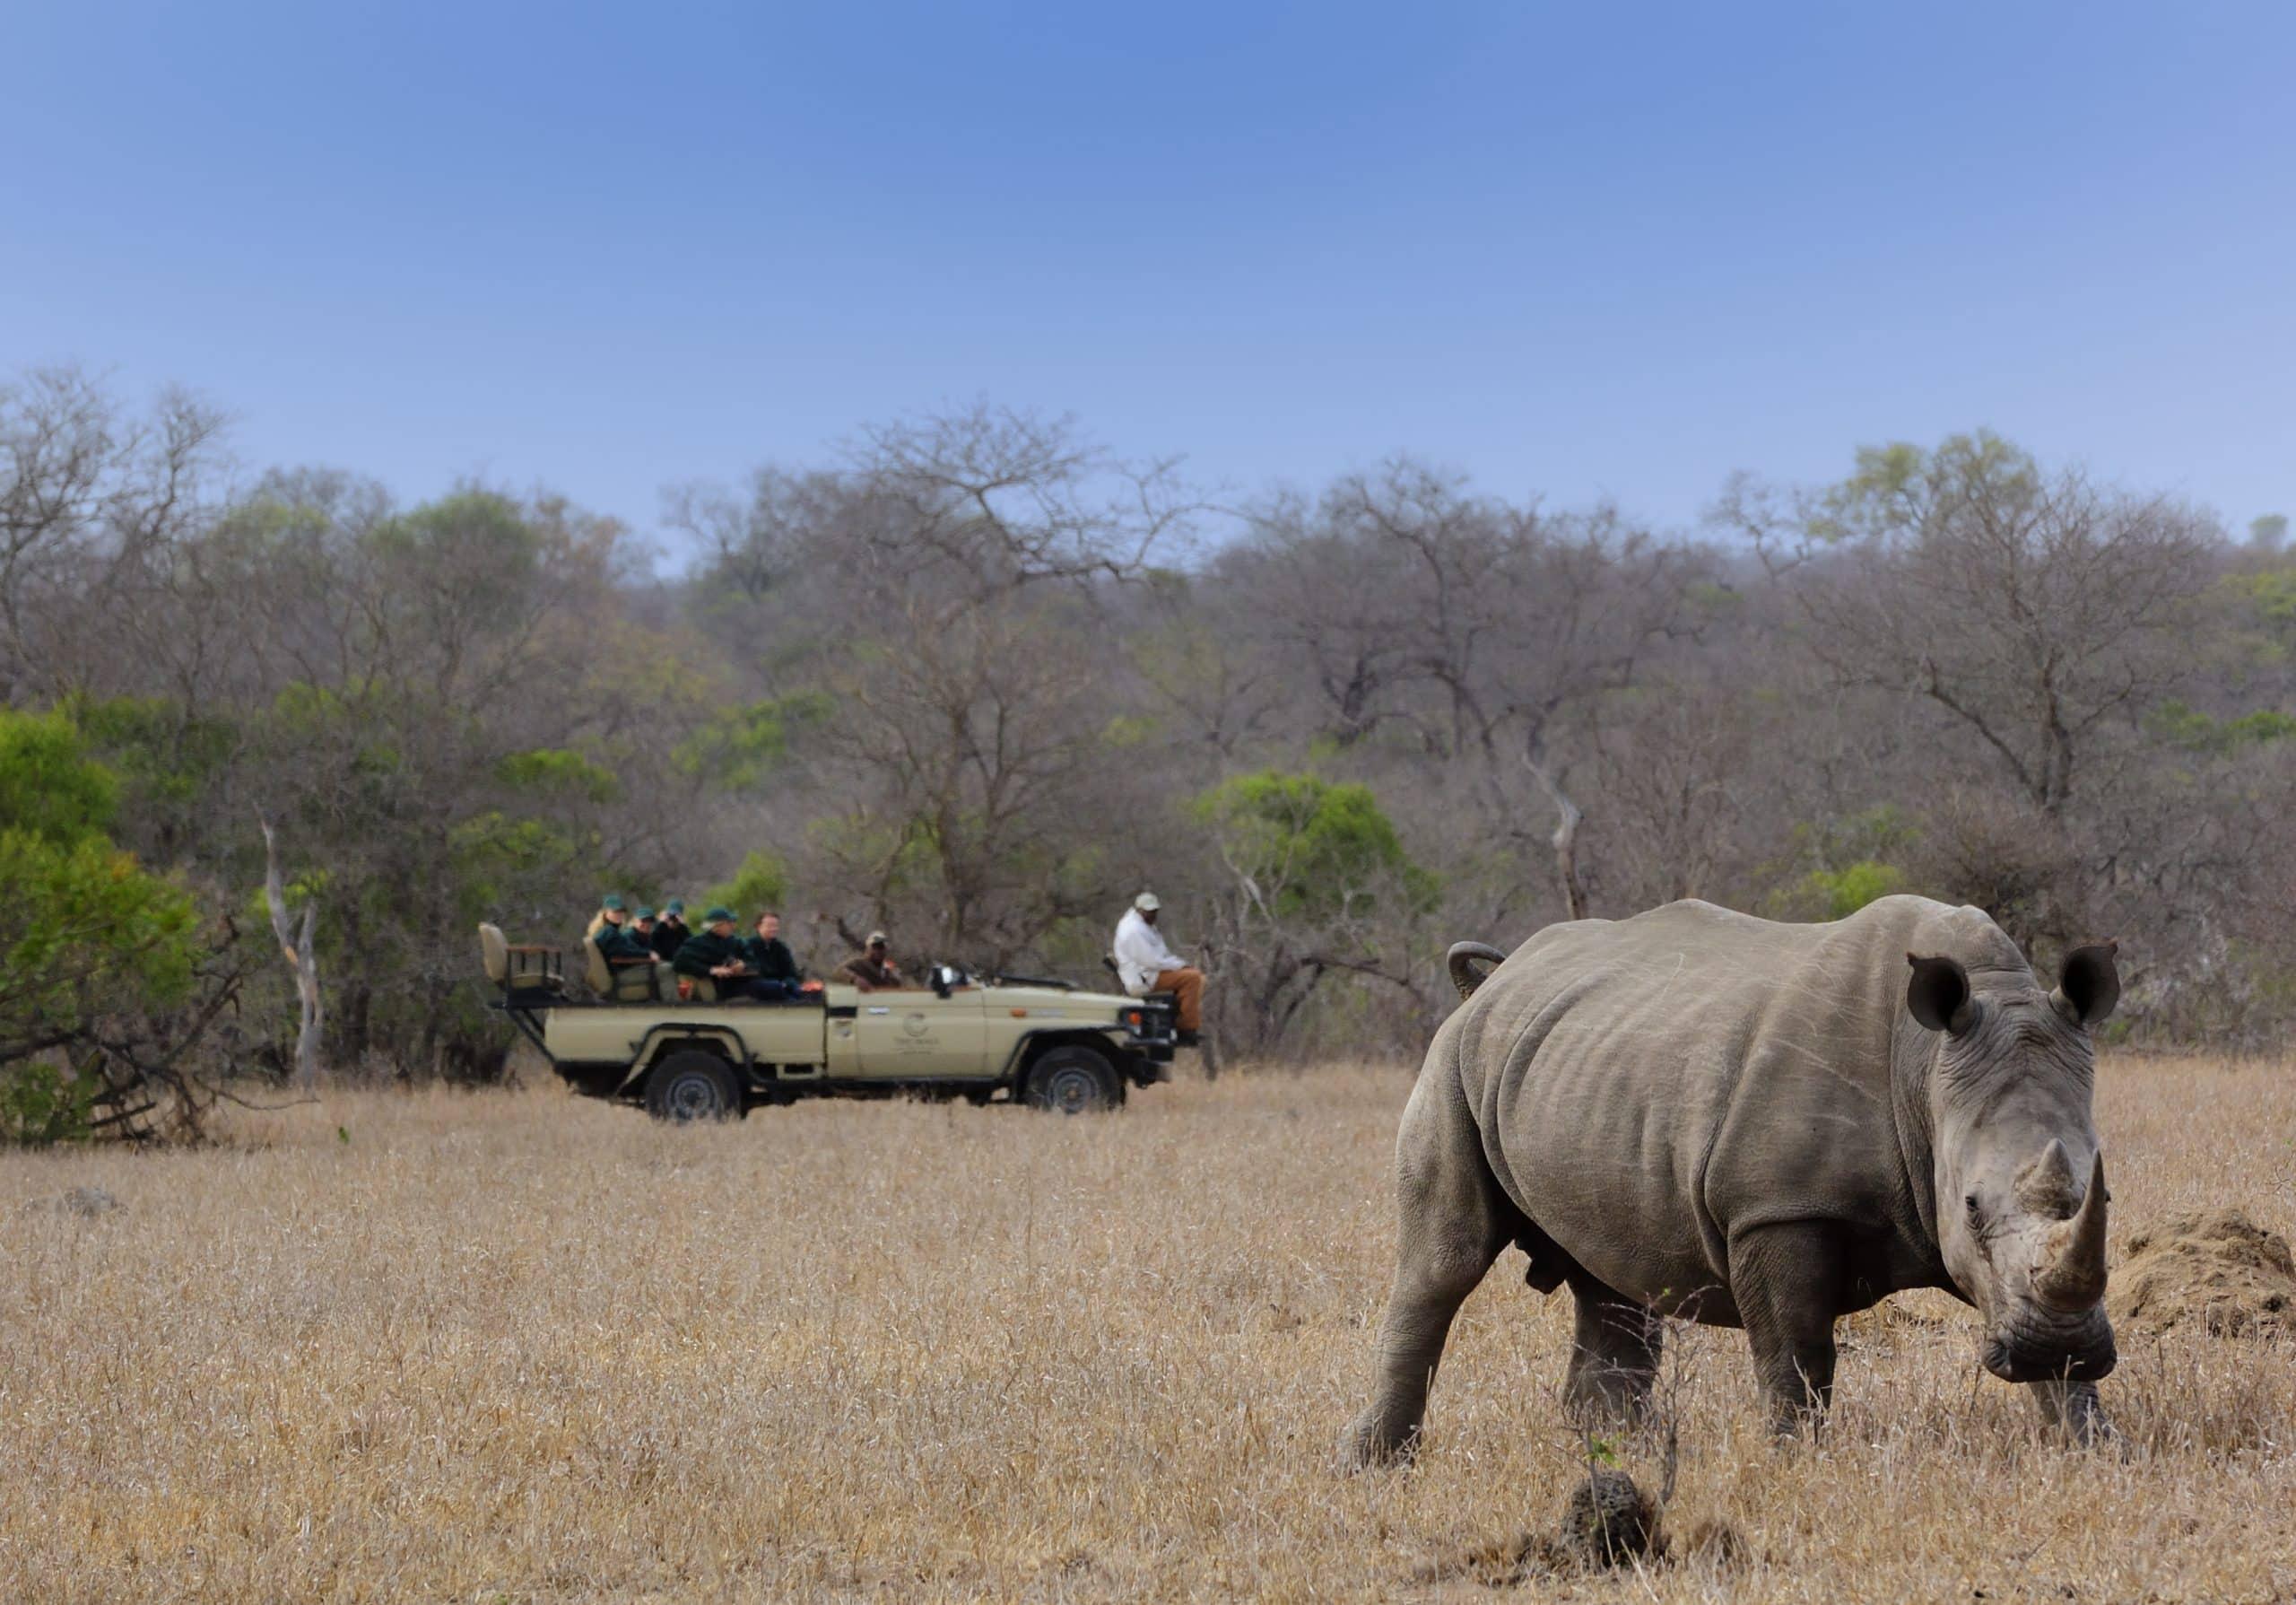 Rhino on Manyeleti plains at Tintswalo